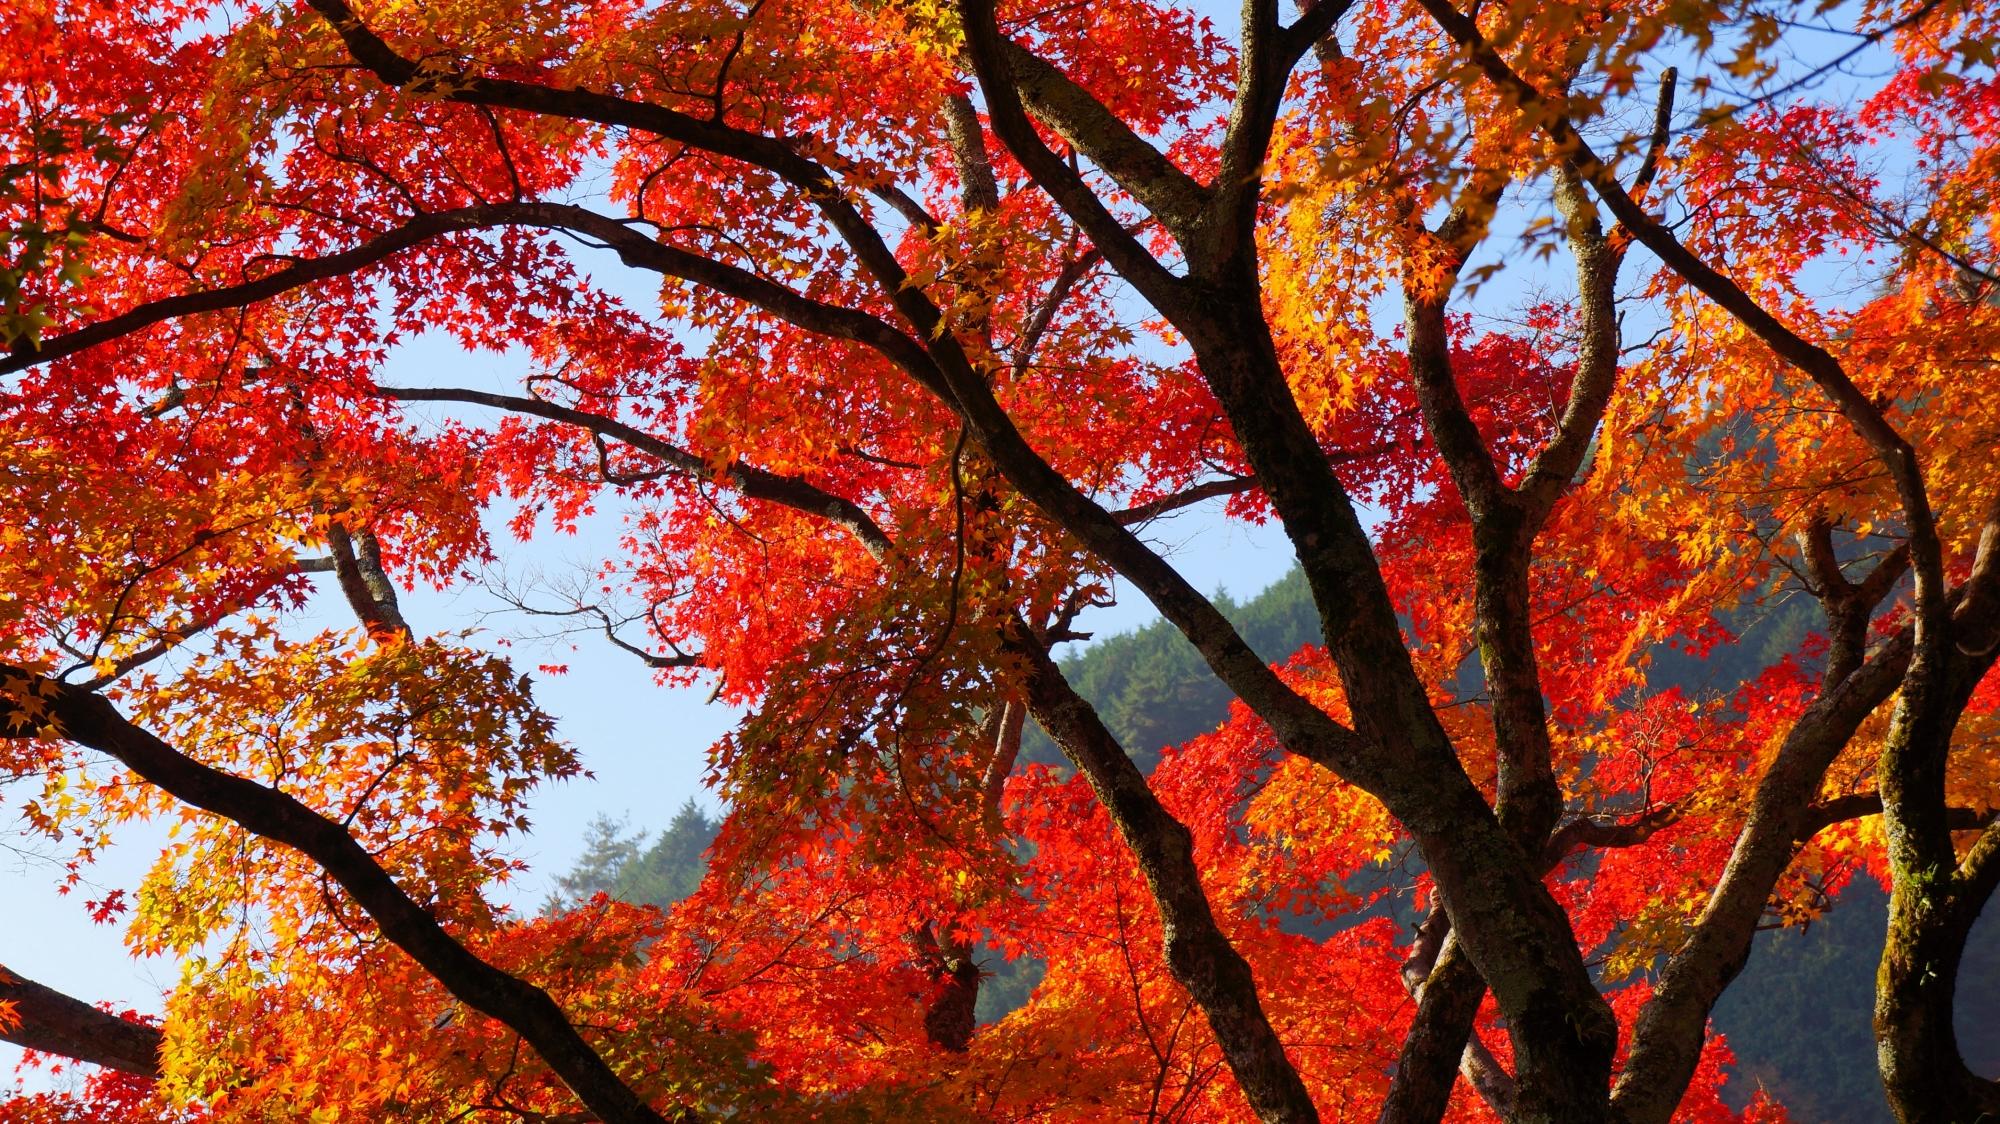 善峯寺のつりがね堂の空を覆う赤い紅葉